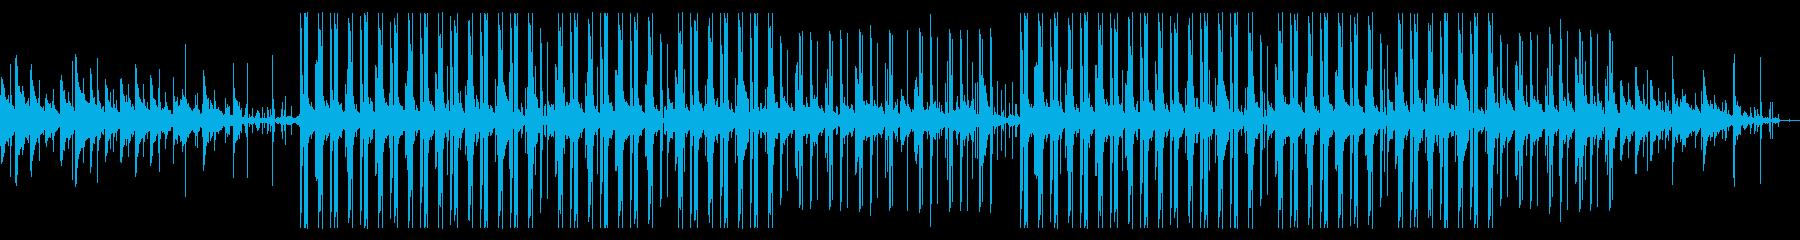 悲しいエレピとピアノのチル・ヒップホップの再生済みの波形